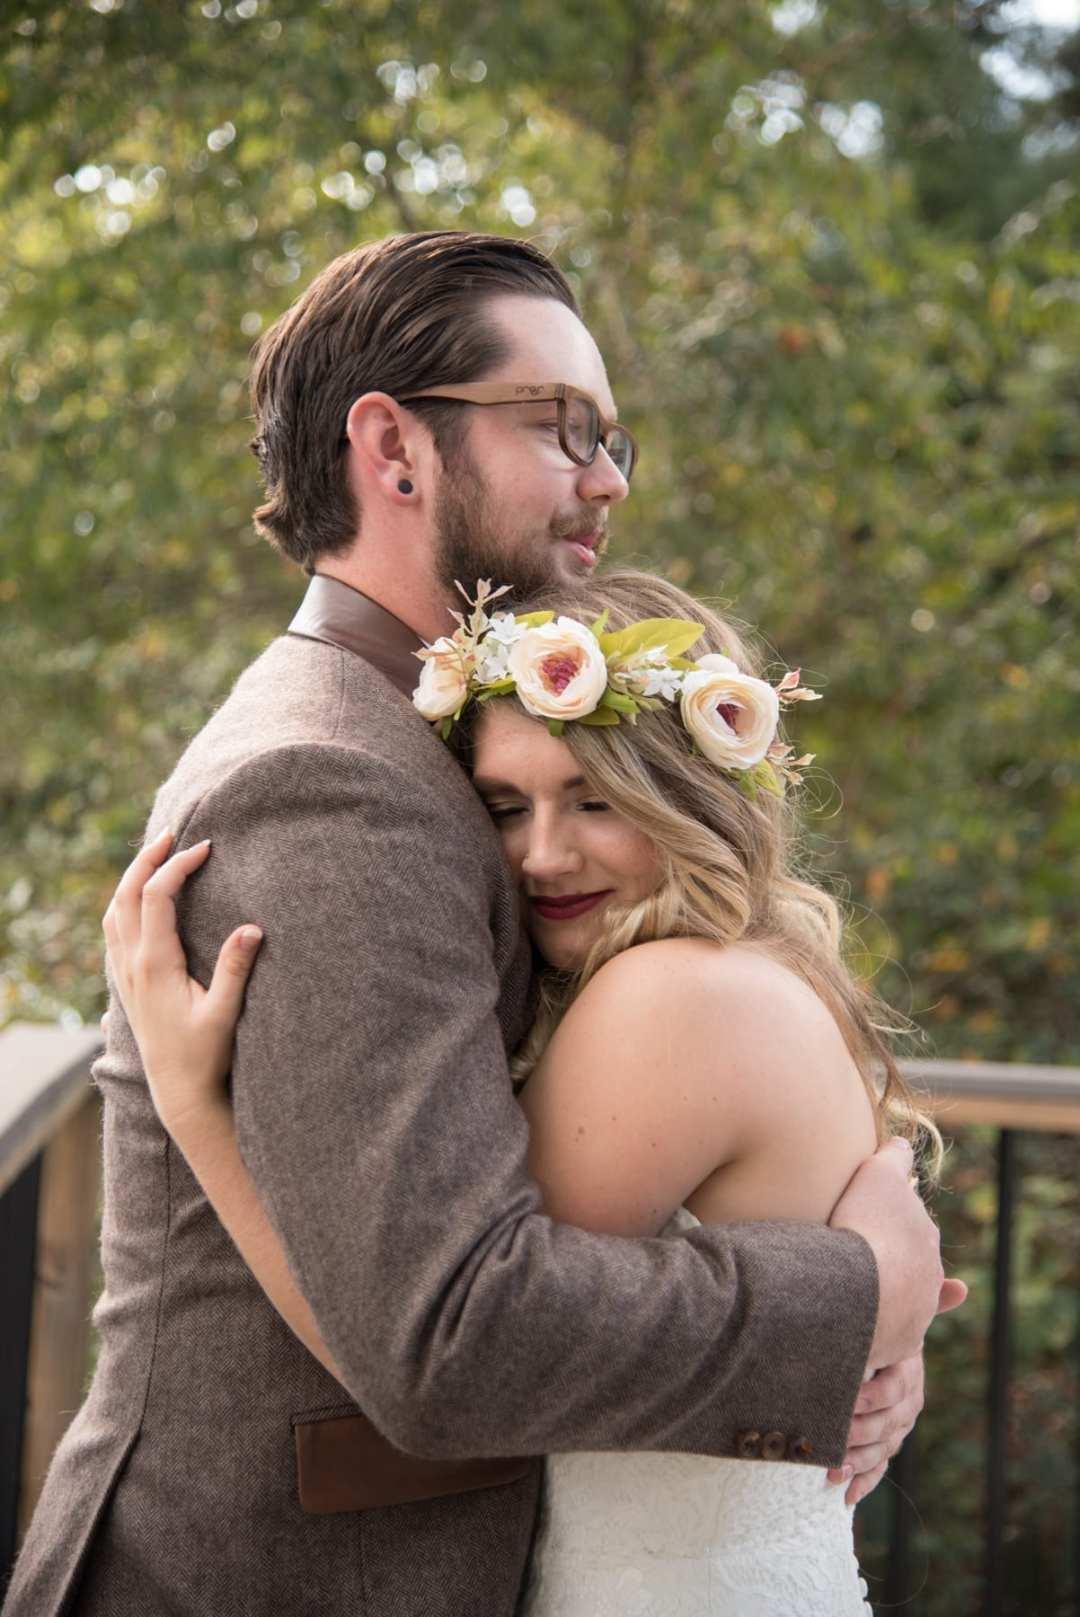 Contact Atlanta Wedding Photographer